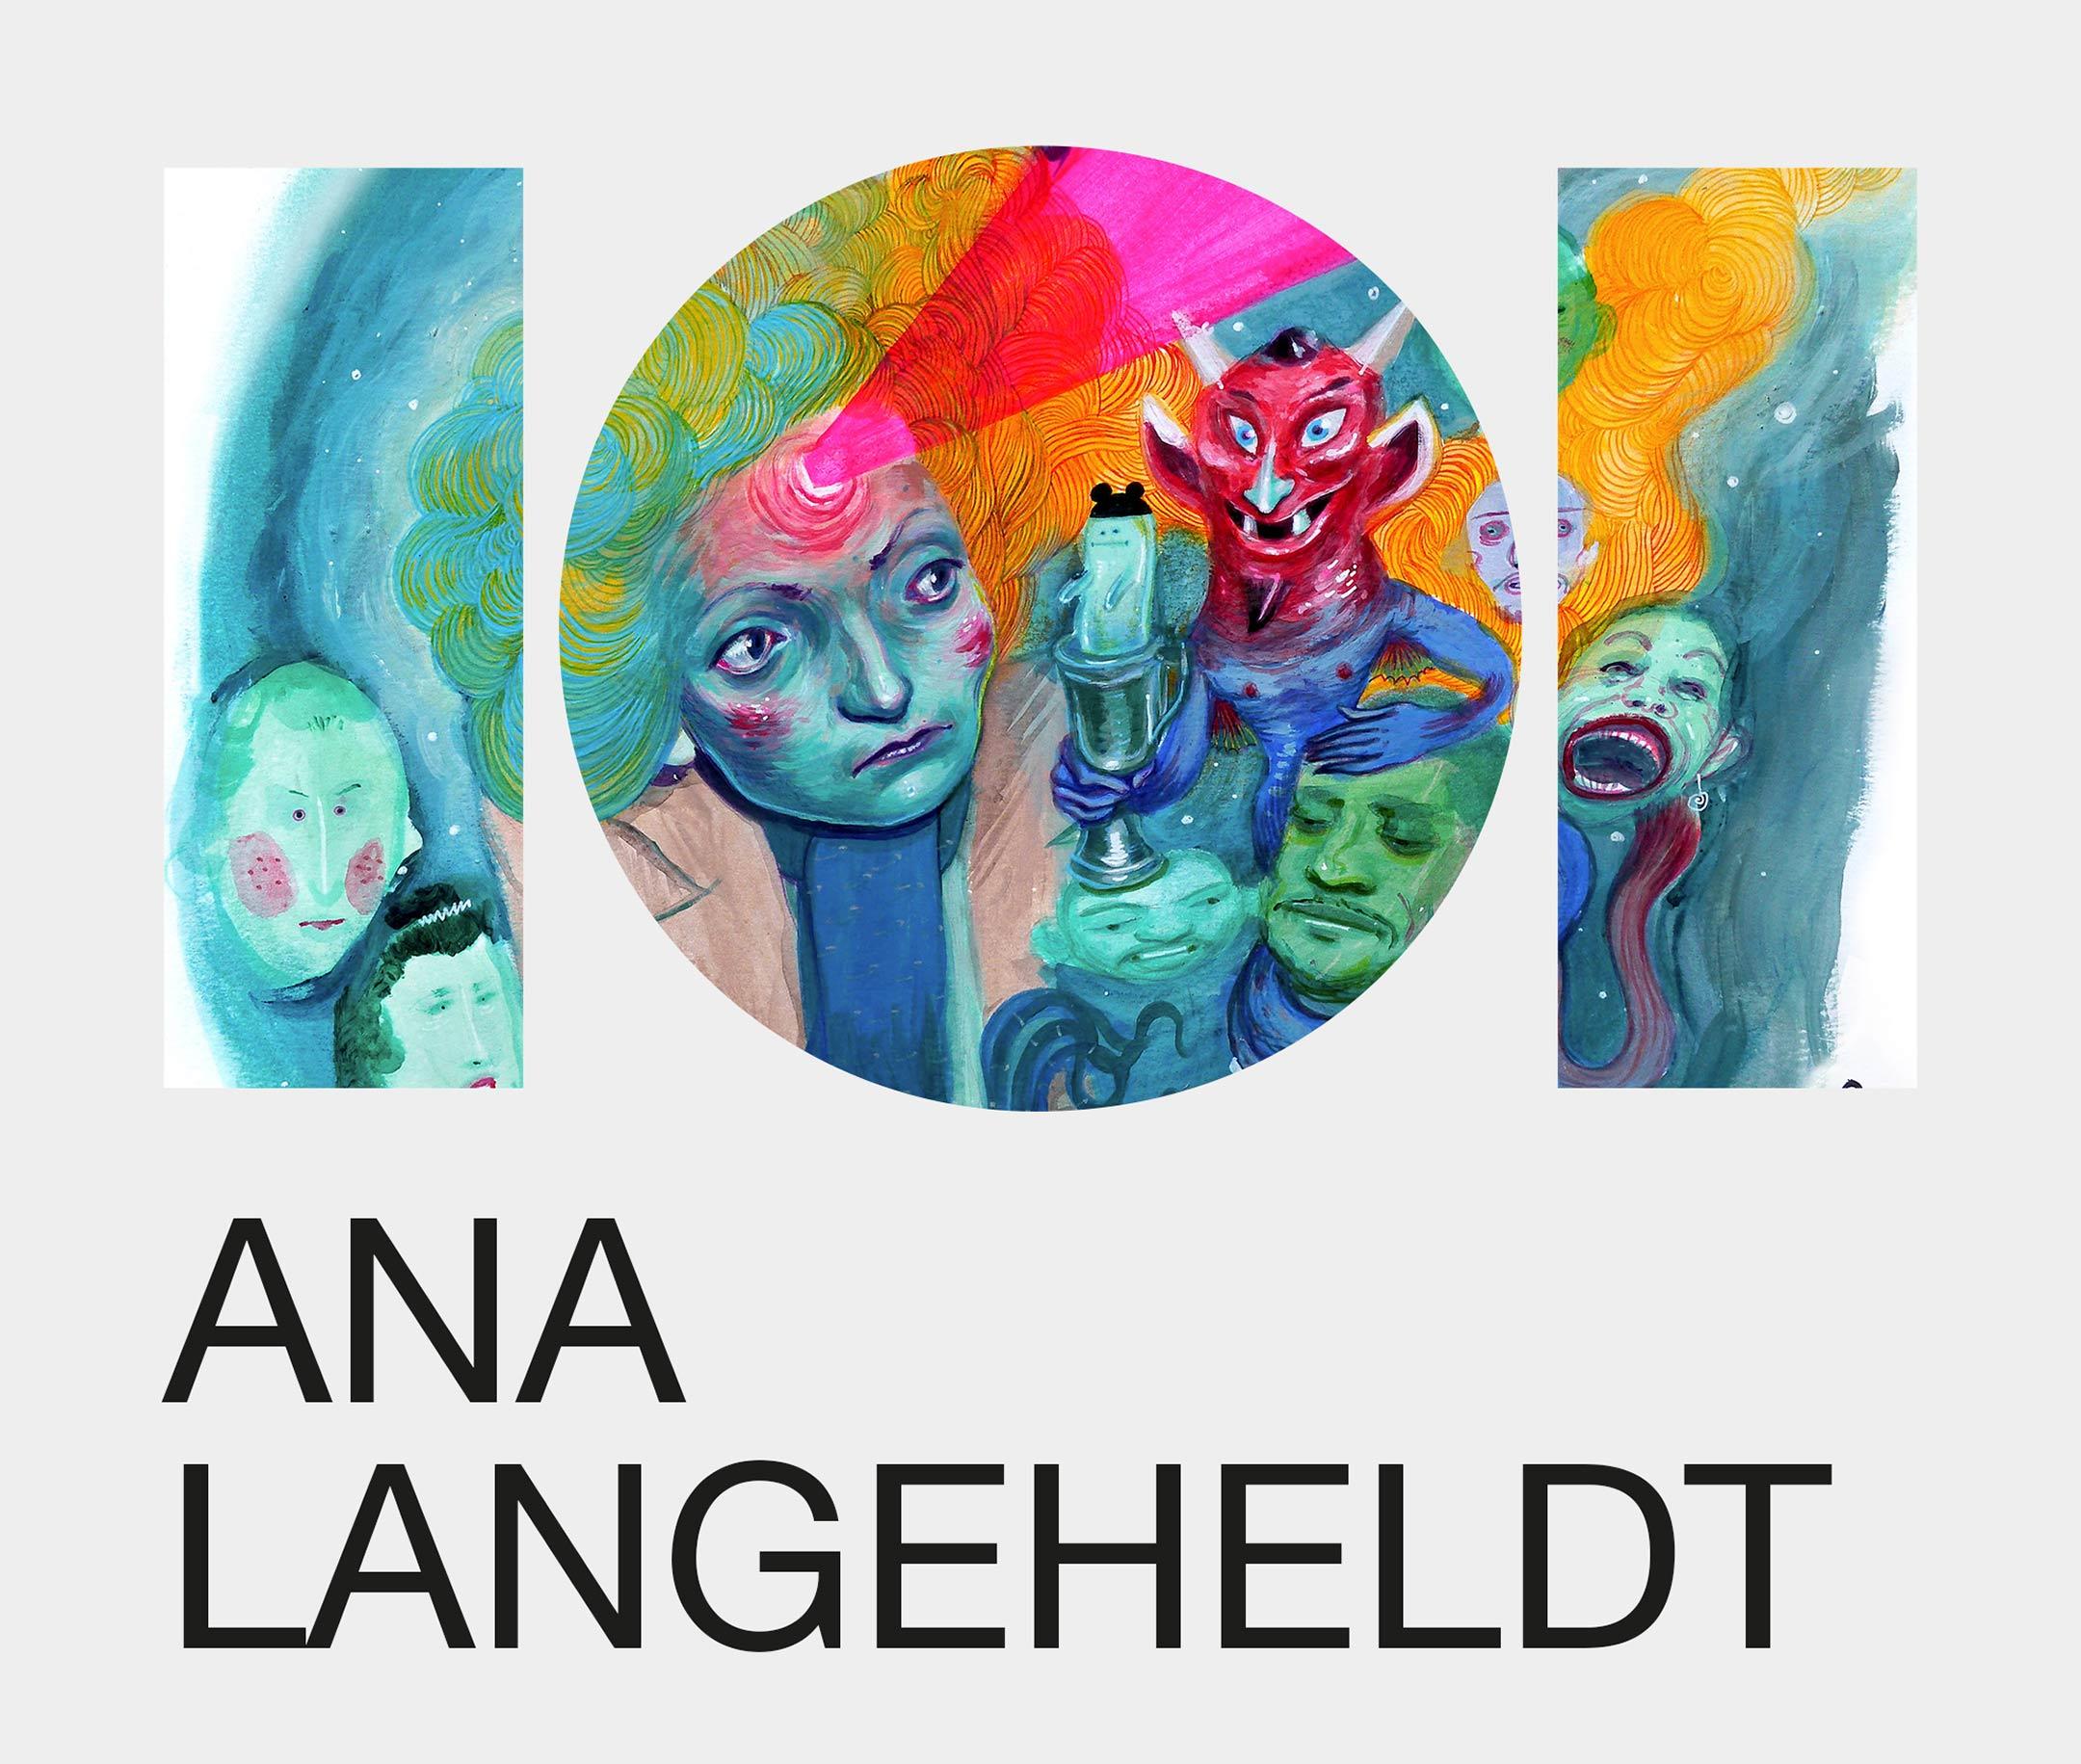 ANA-LANGEHELDT_IG